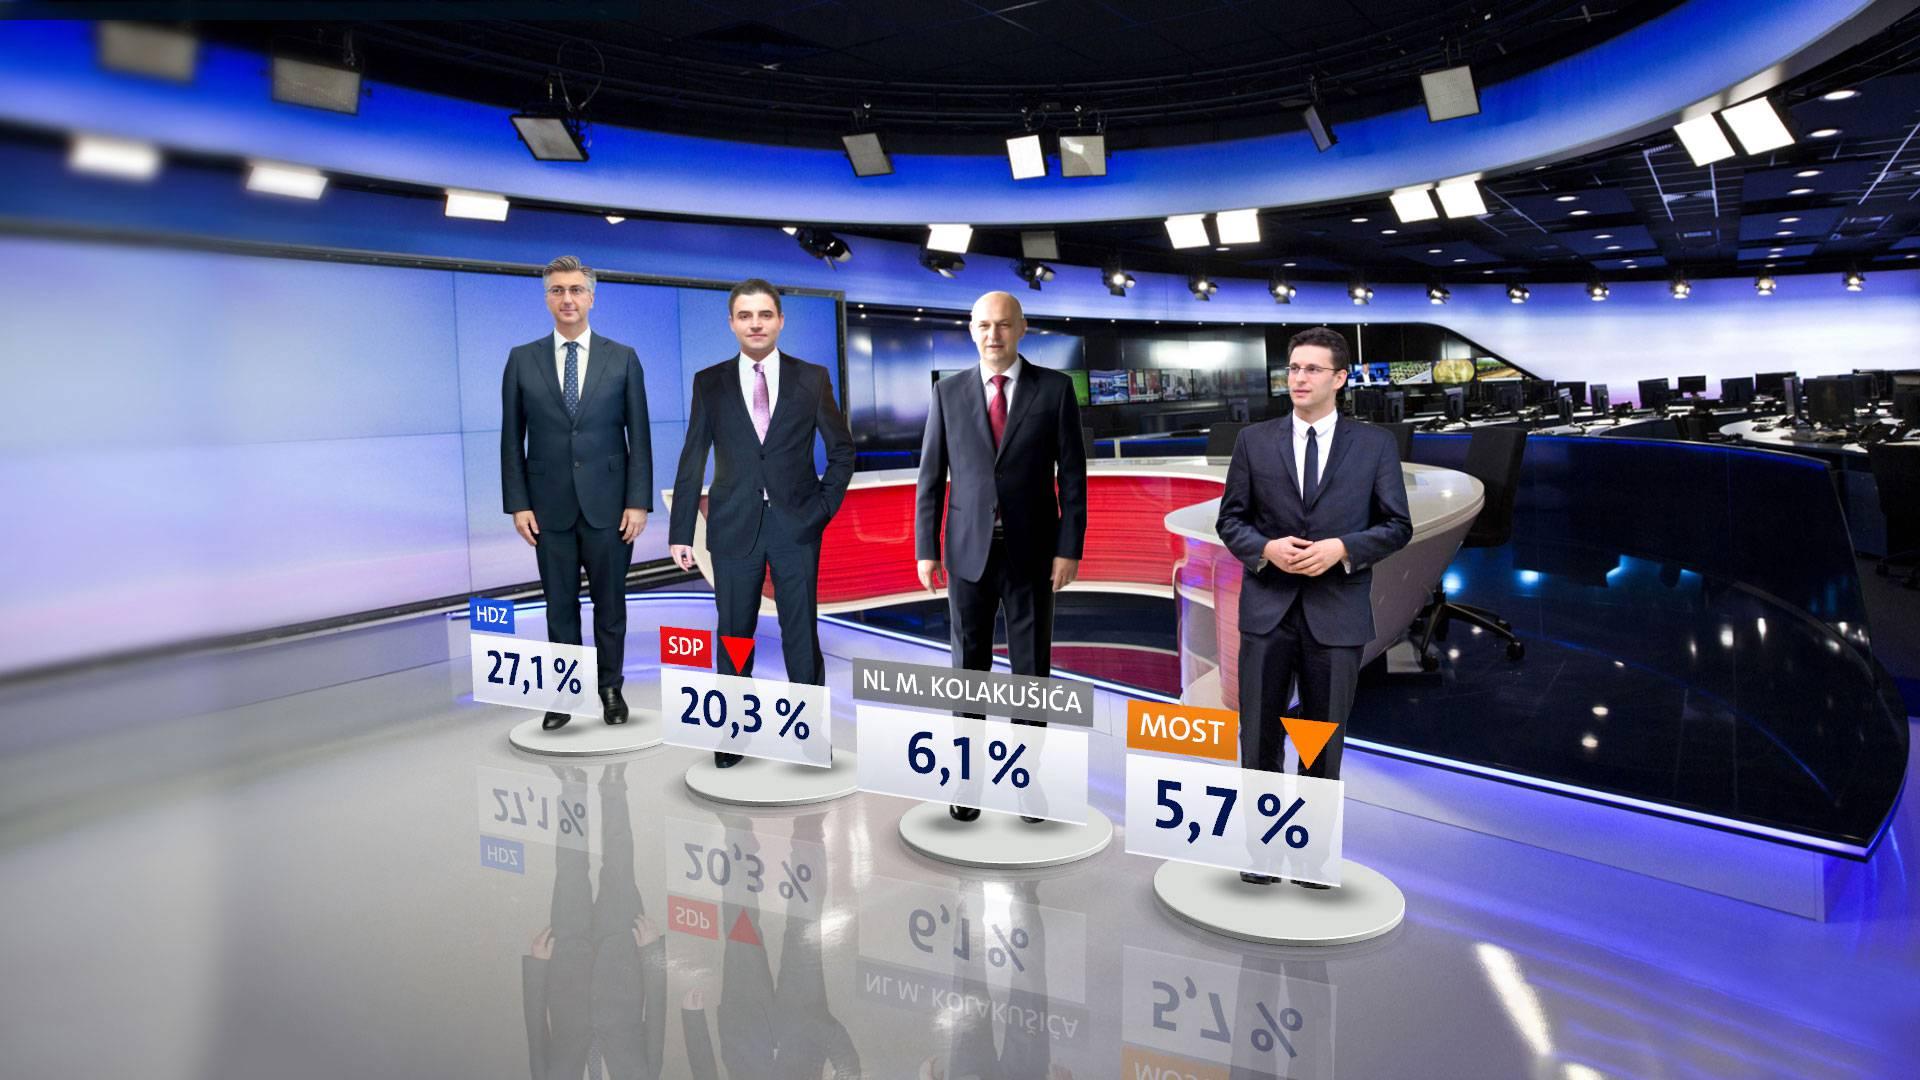 SDP-u pala popularnost, HDZ se drži, a slijedi ih Kolakušić